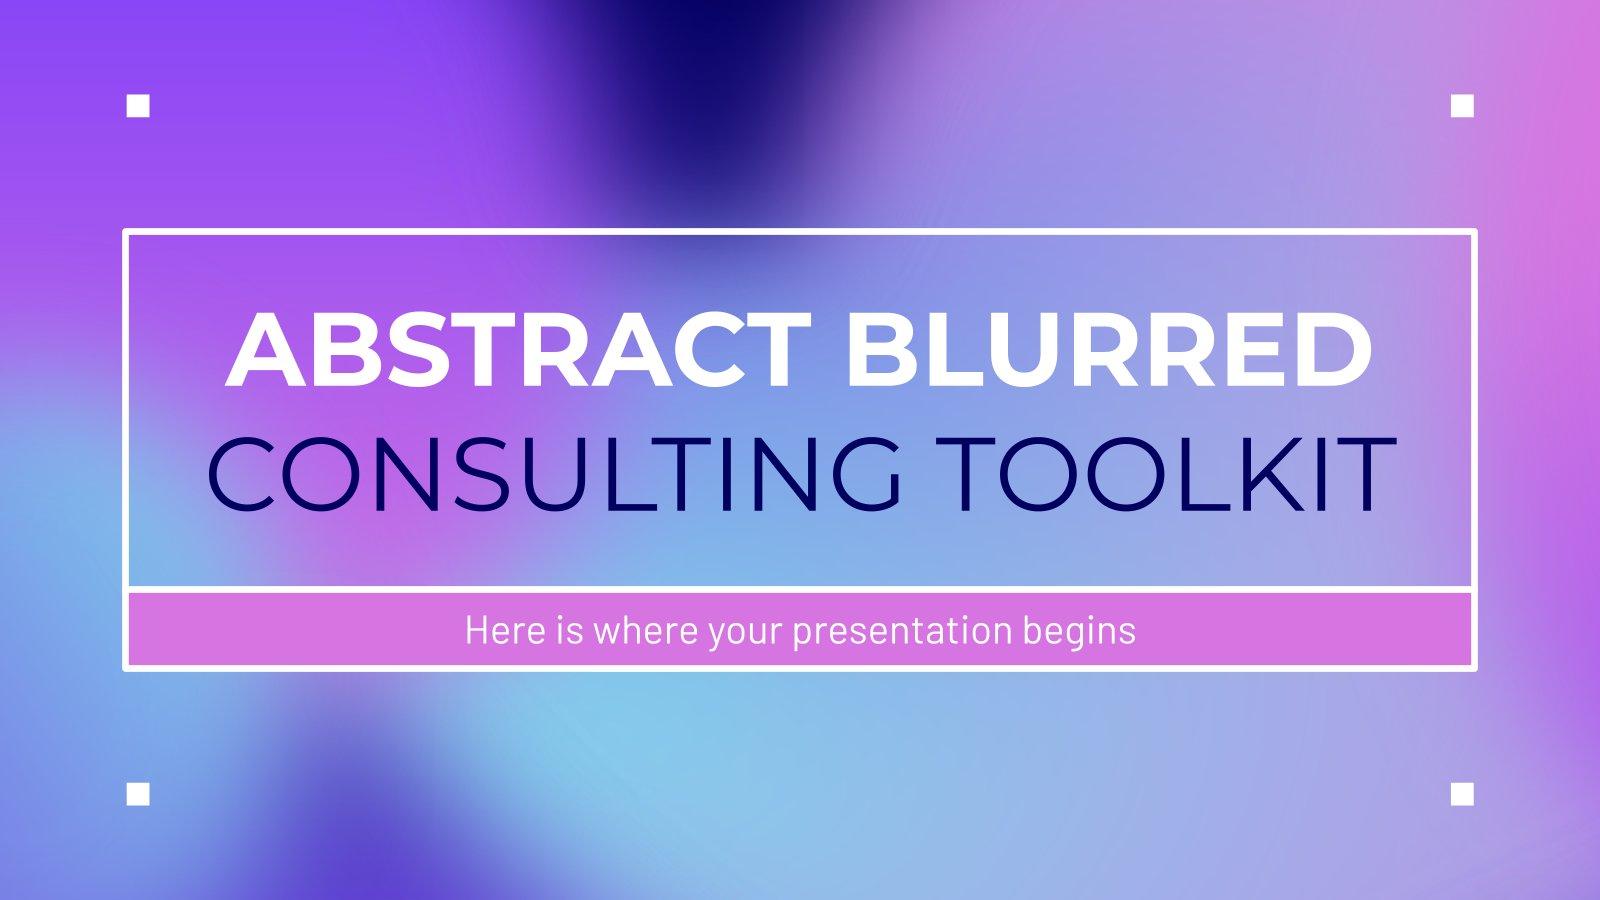 Plantilla de presentación Kit de consultoría con diseño abstracto